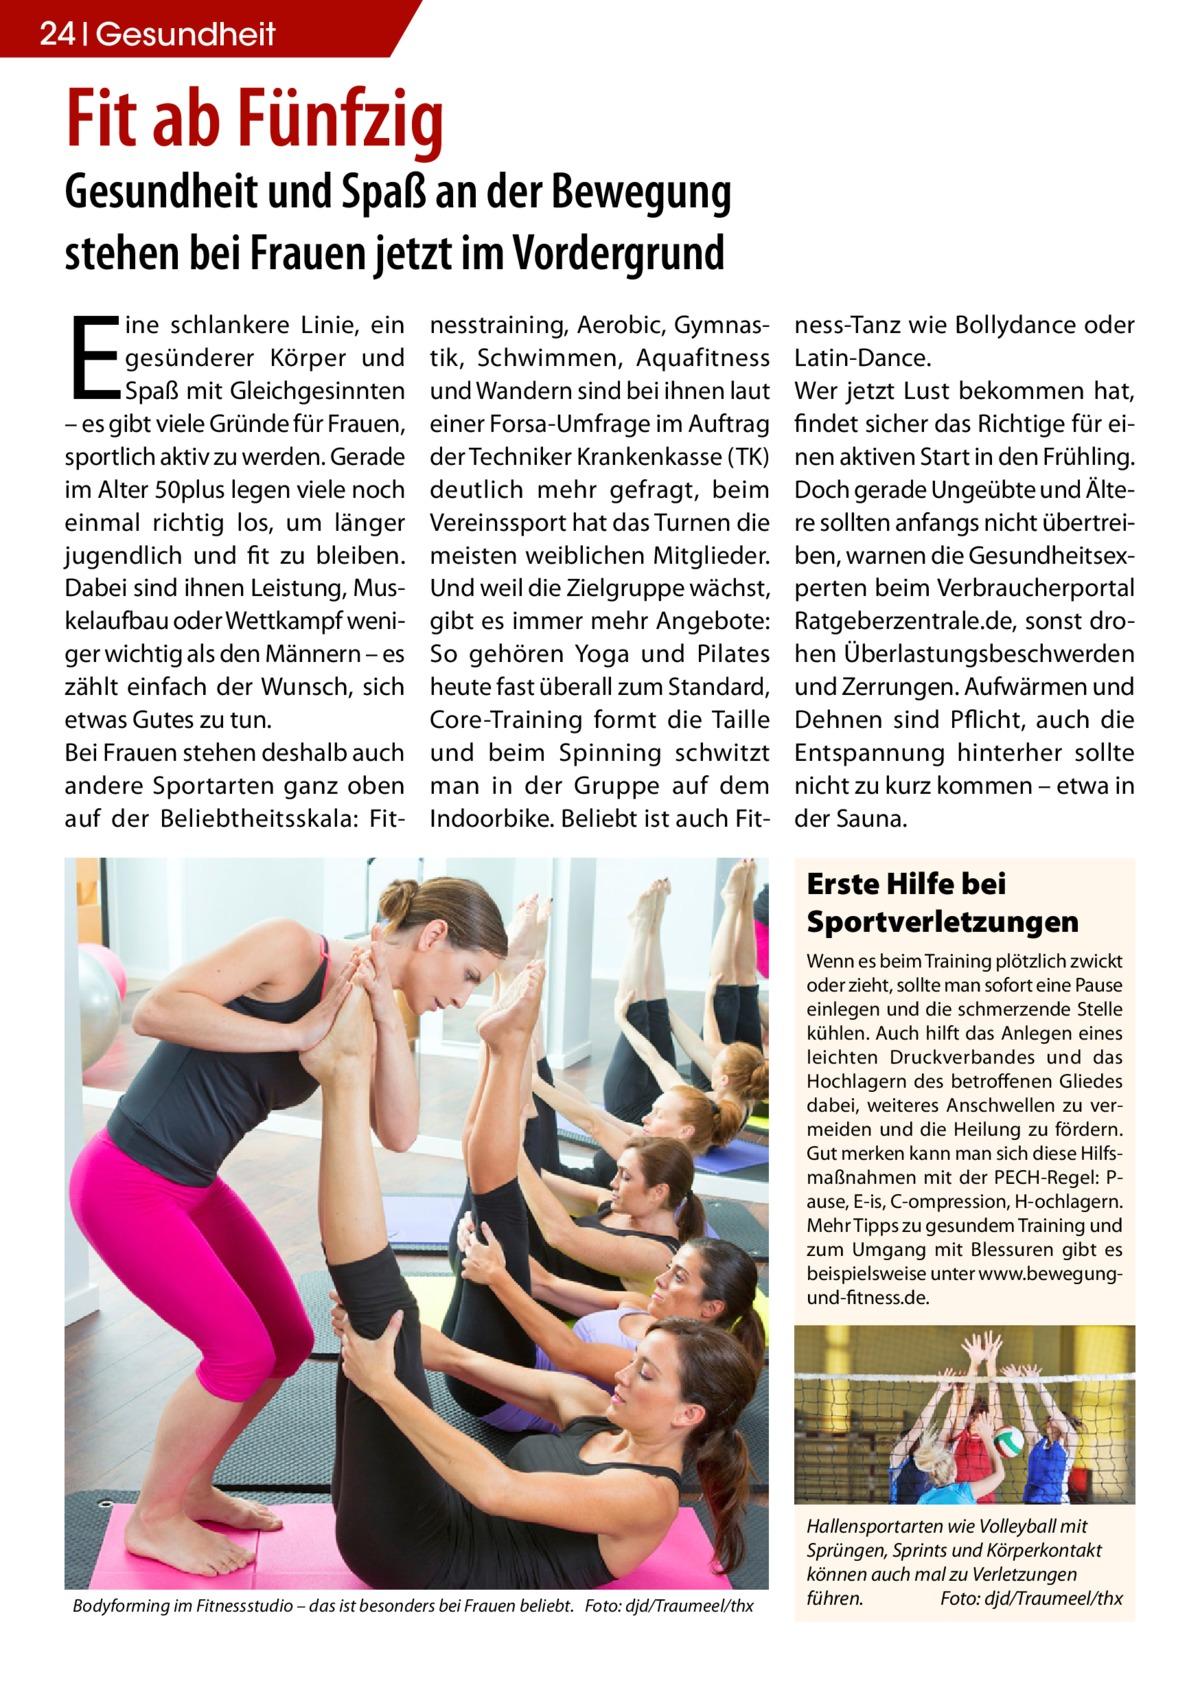 24 Gesundheit  Fit ab Fünfzig  Gesundheit und Spaß an der Bewegung stehen bei Frauen jetzt im Vordergrund  E  ine schlankere Linie, ein gesünderer Körper und Spaß mit Gleichgesinnten – es gibt viele Gründe für Frauen, sportlich aktiv zu werden. Gerade im Alter 50plus legen viele noch einmal richtig los, um länger jugendlich und fit zu bleiben. Dabei sind ihnen Leistung, Muskelaufbau oder Wettkampf weniger wichtig als den Männern – es zählt einfach der Wunsch, sich etwas Gutes zu tun. Bei Frauen stehen deshalb auch andere Sportarten ganz oben auf der Beliebtheitsskala: Fit nesstraining, Aerobic, Gymnastik, Schwimmen, Aquafitness und Wandern sind bei ihnen laut einer Forsa-Umfrage im Auftrag der Techniker Krankenkasse (TK) deutlich mehr gefragt, beim Vereinssport hat das Turnen die meisten weiblichen Mitglieder. Und weil die Zielgruppe wächst, gibt es immer mehr Angebote: So gehören Yoga und Pilates heute fast überall zum Standard, Core-Training formt die Taille und beim Spinning schwitzt man in der Gruppe auf dem Indoorbike. Beliebt ist auch Fit ness-Tanz wie Bollydance oder Latin-Dance. Wer jetzt Lust bekommen hat, findet sicher das Richtige für einen aktiven Start in den Frühling. Doch gerade Ungeübte und Ältere sollten anfangs nicht übertreiben, warnen die Gesundheitsexperten beim Verbraucherportal Ratgeberzentrale.de, sonst drohen Überlastungsbeschwerden und Zerrungen. Aufwärmen und Dehnen sind Pflicht, auch die Entspannung hinterher sollte nicht zu kurz kommen – etwa in der Sauna.  Erste Hilfe bei Sportverletzungen Wenn es beim Training plötzlich zwickt oder zieht, sollte man sofort eine Pause einlegen und die schmerzende Stelle kühlen. Auch hilft das Anlegen eines leichten Druckverbandes und das Hochlagern des betroffenen Gliedes dabei, weiteres Anschwellen zu vermeiden und die Heilung zu fördern. Gut merken kann man sich diese Hilfsmaßnahmen mit der PECH-Regel: Pause, E-is, C-ompression, H-ochlagern. Mehr Tipps zu gesundem Training und zum Umgang mit Blessuren